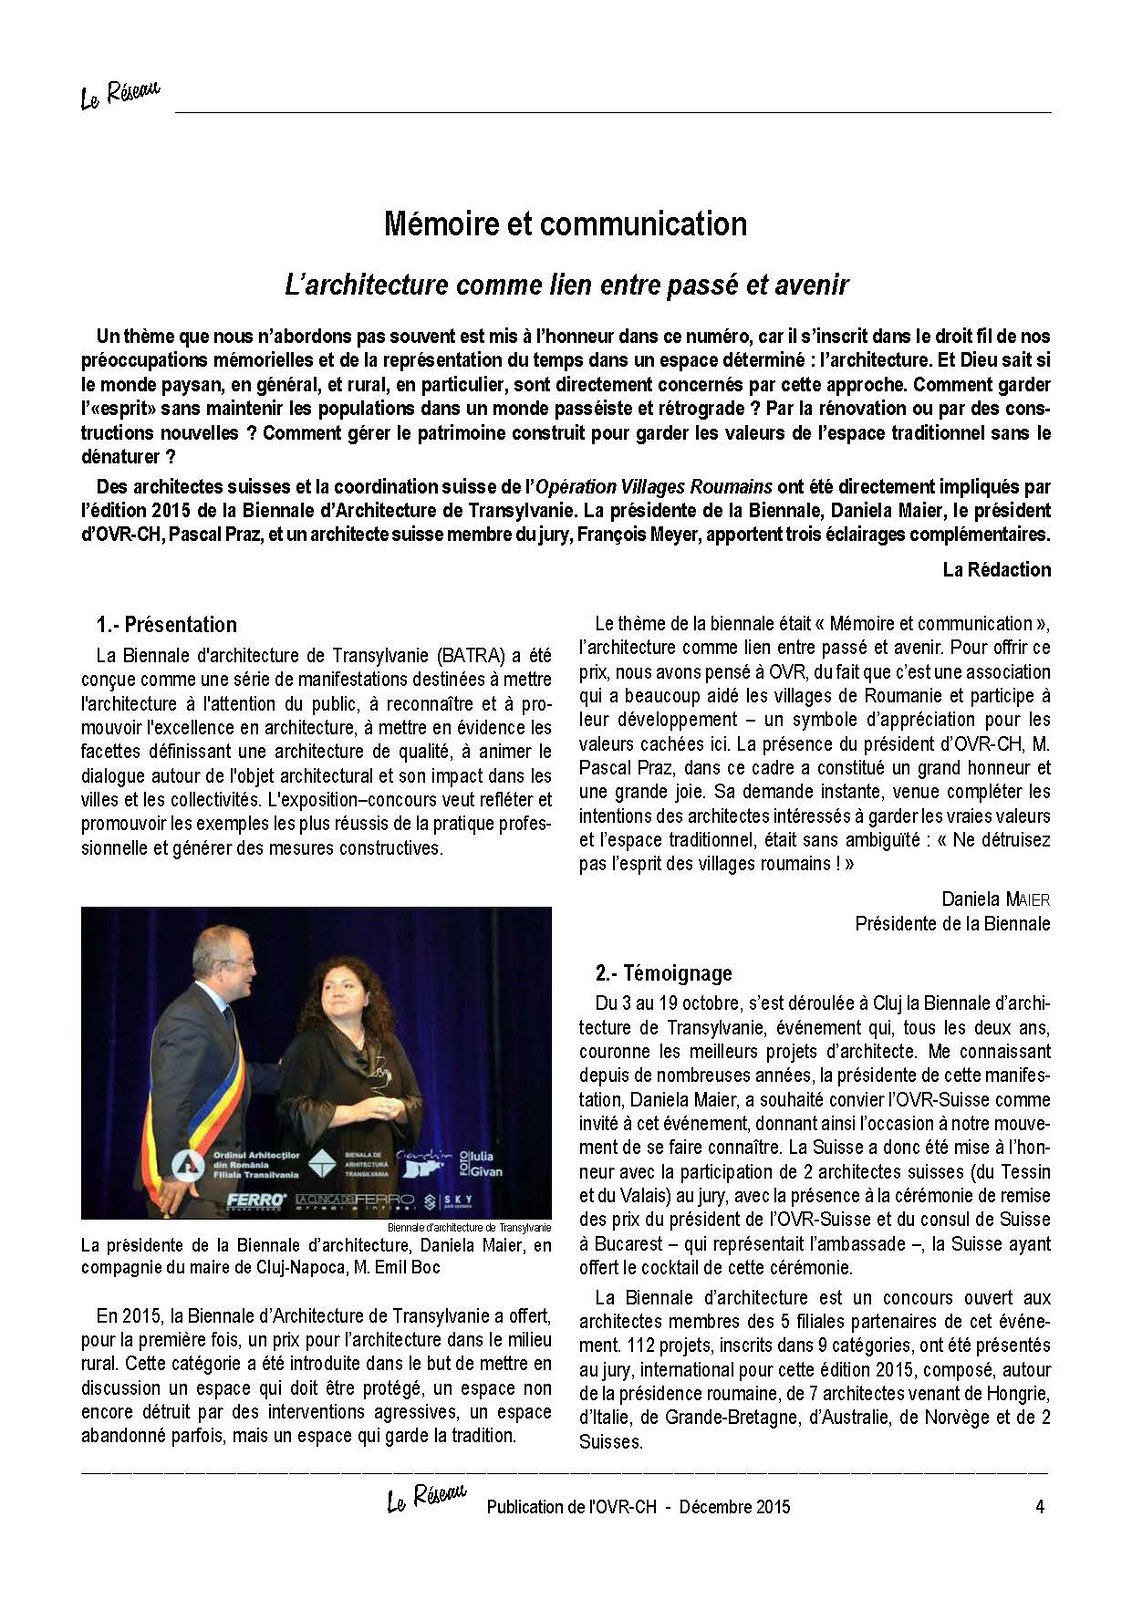 Le Réseau Publication de l'OVR-CH N° 54 - Décembre 2015